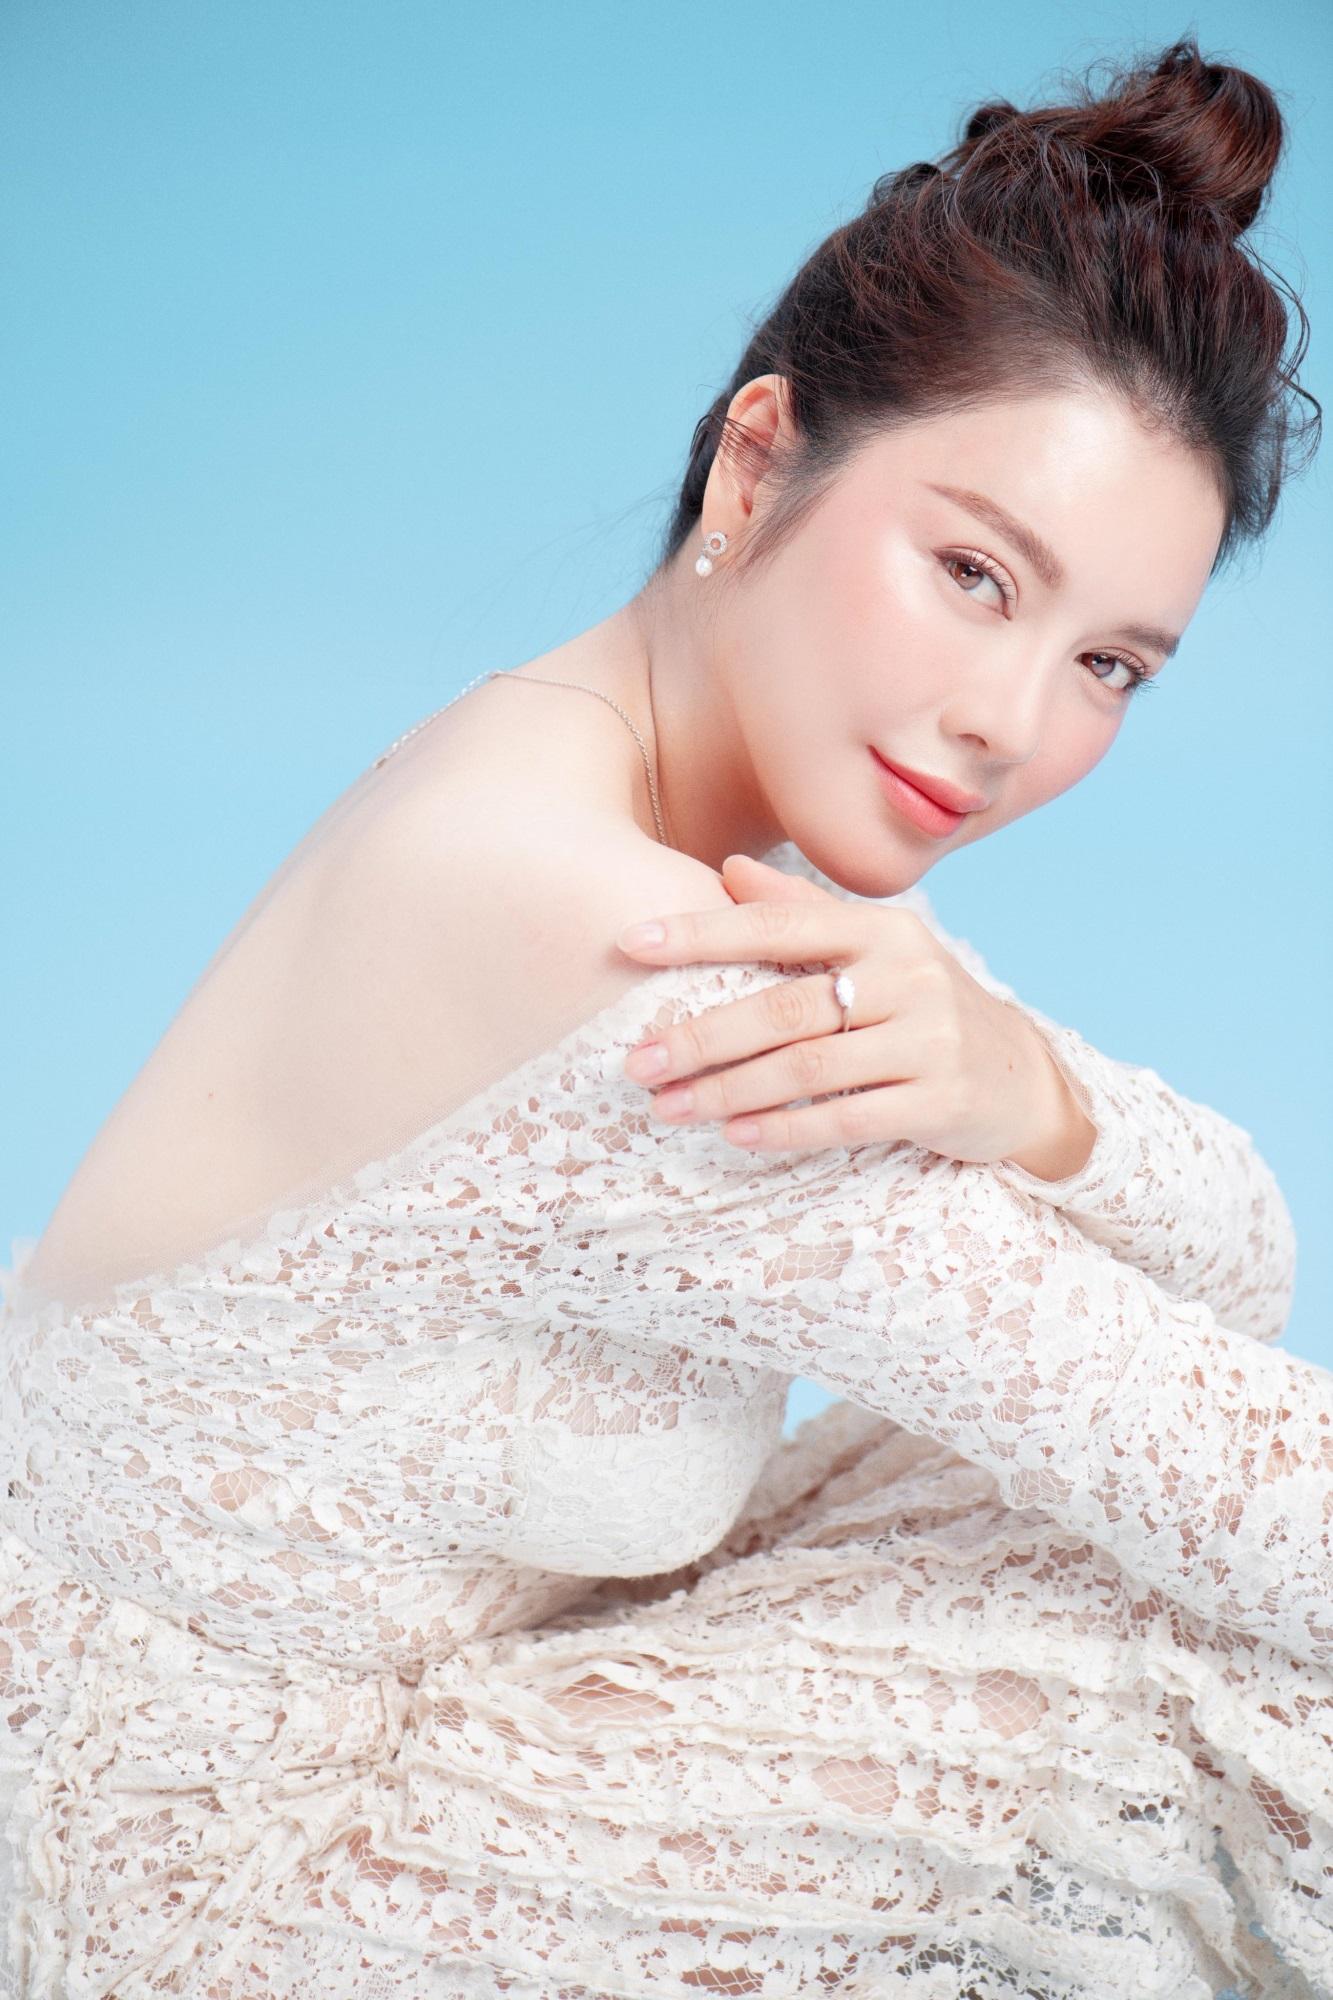 'Nữ hoàng kim cương' Lý Nhã Kỳ khiến fan mê mệt khi diện trang phục xẻ ngực gợi cảm - Ảnh 4